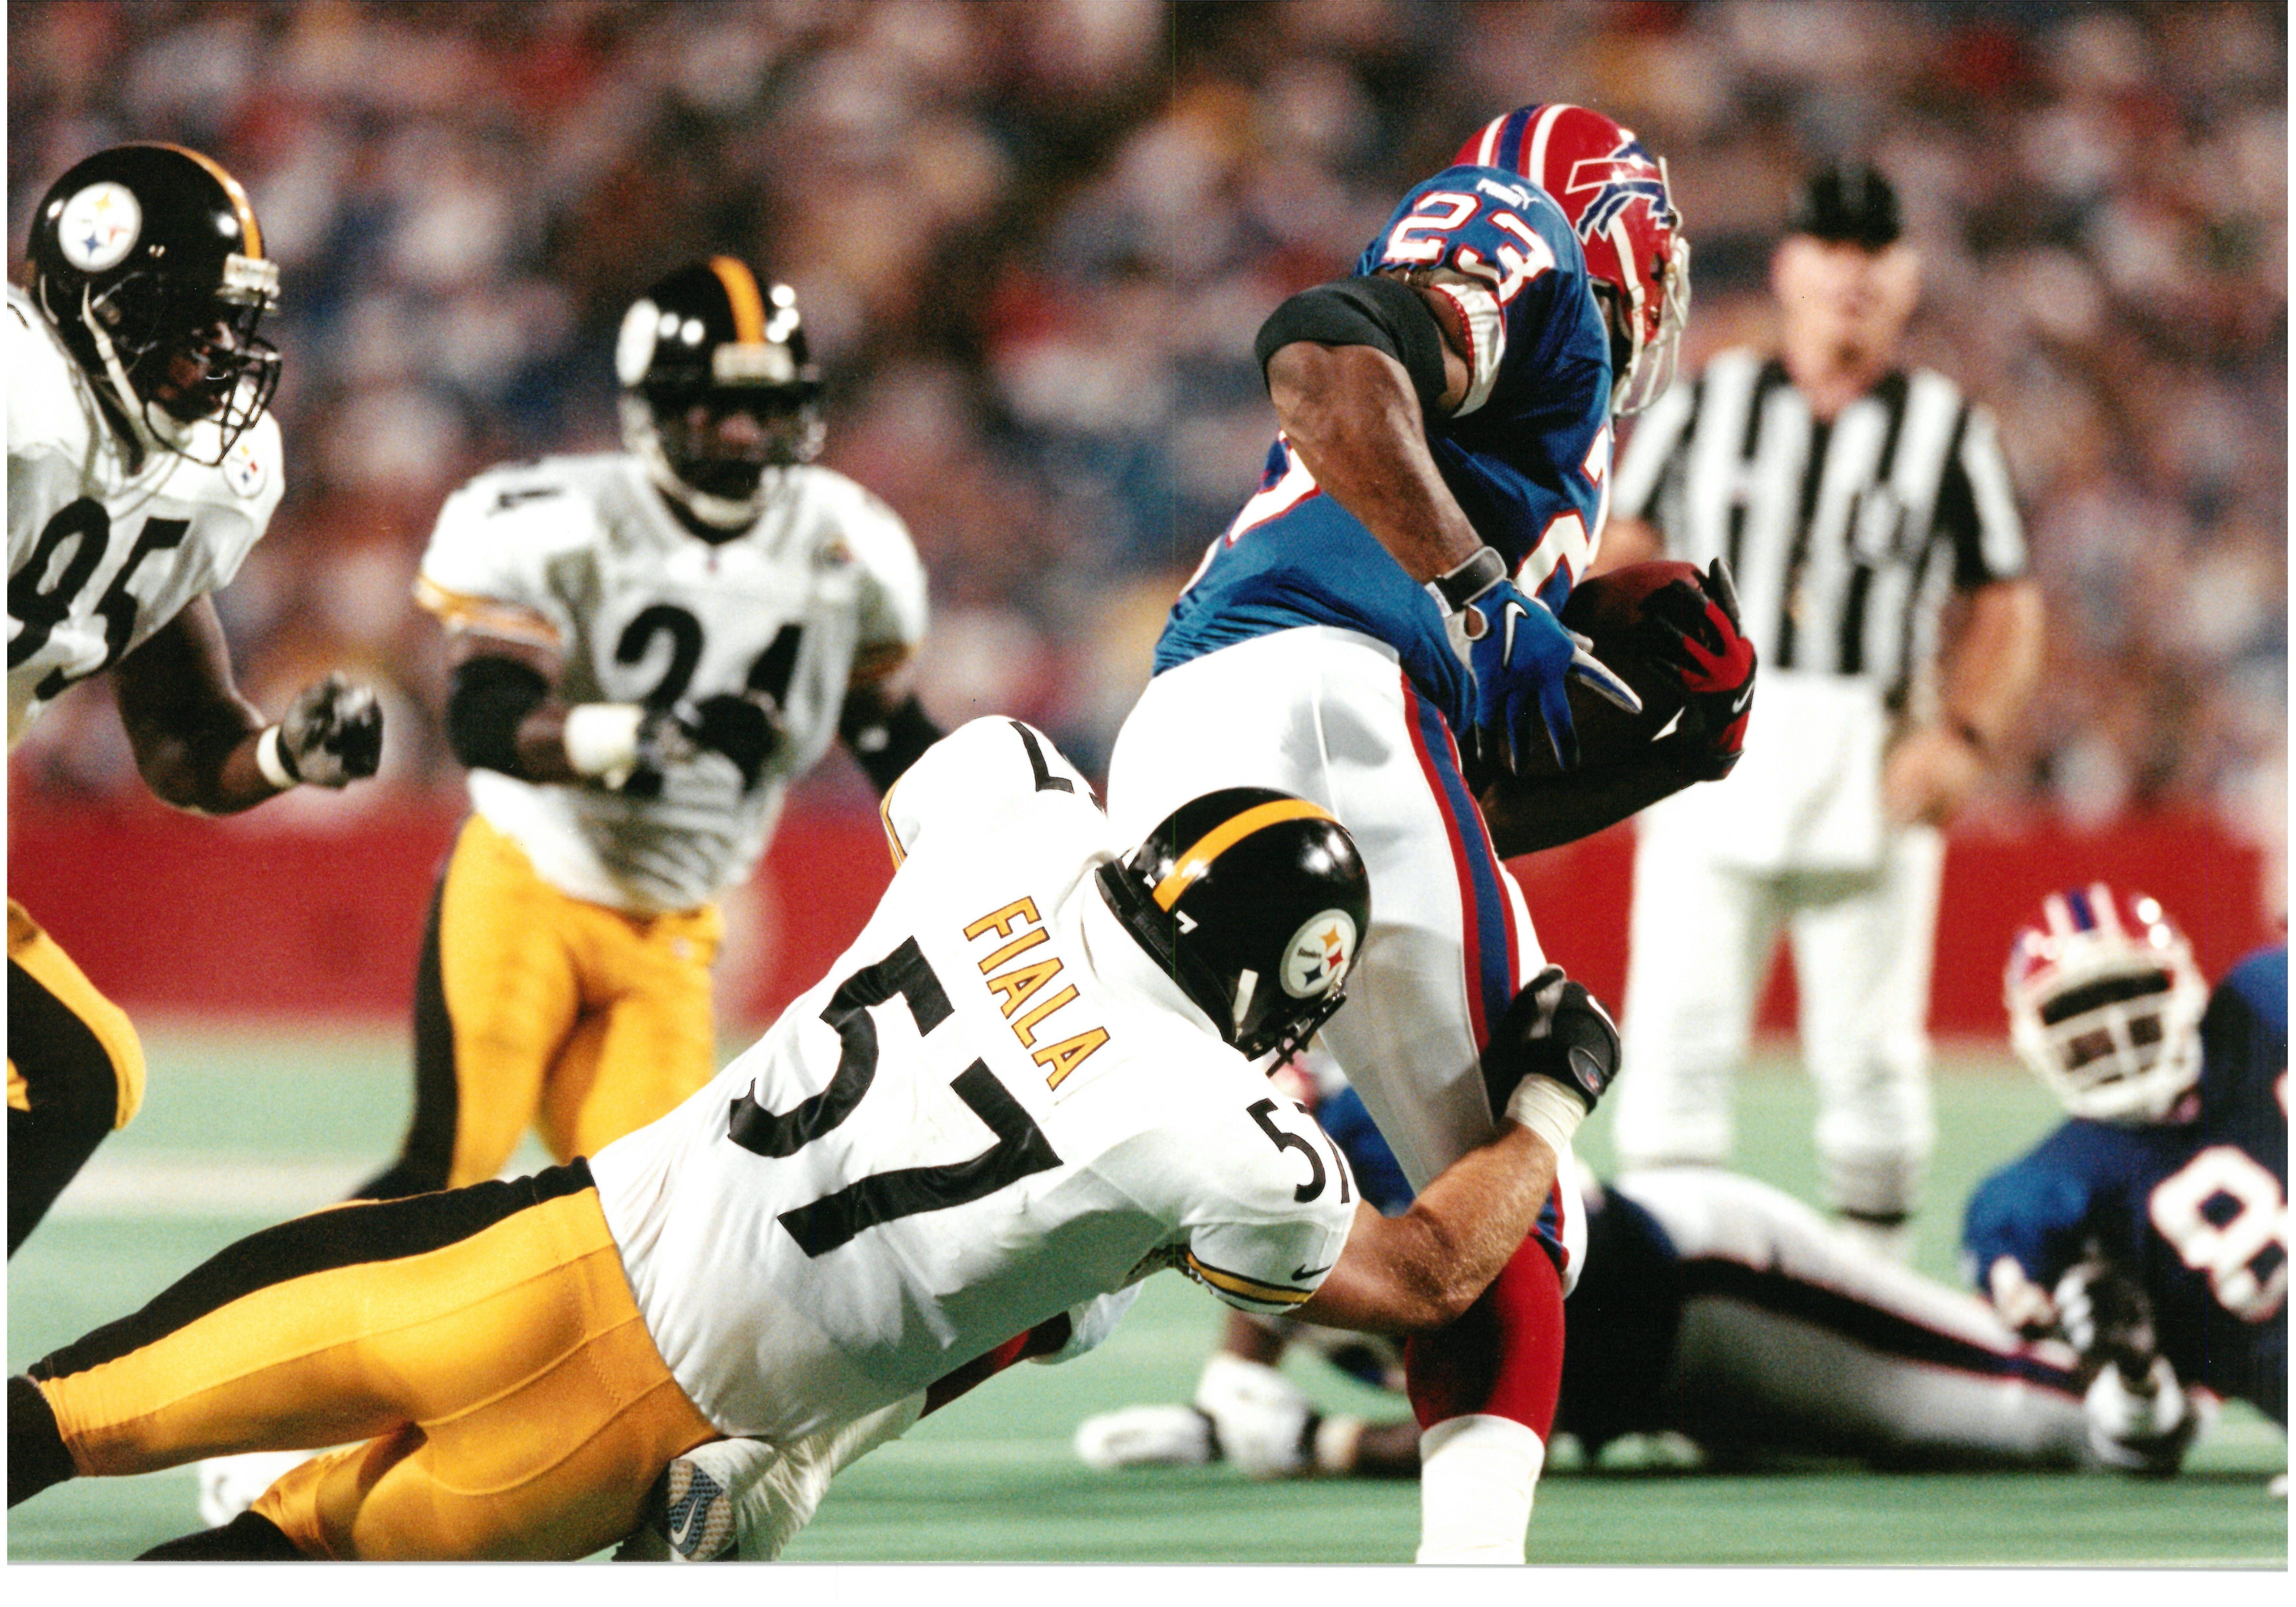 John Fiala Steelers vs Bills